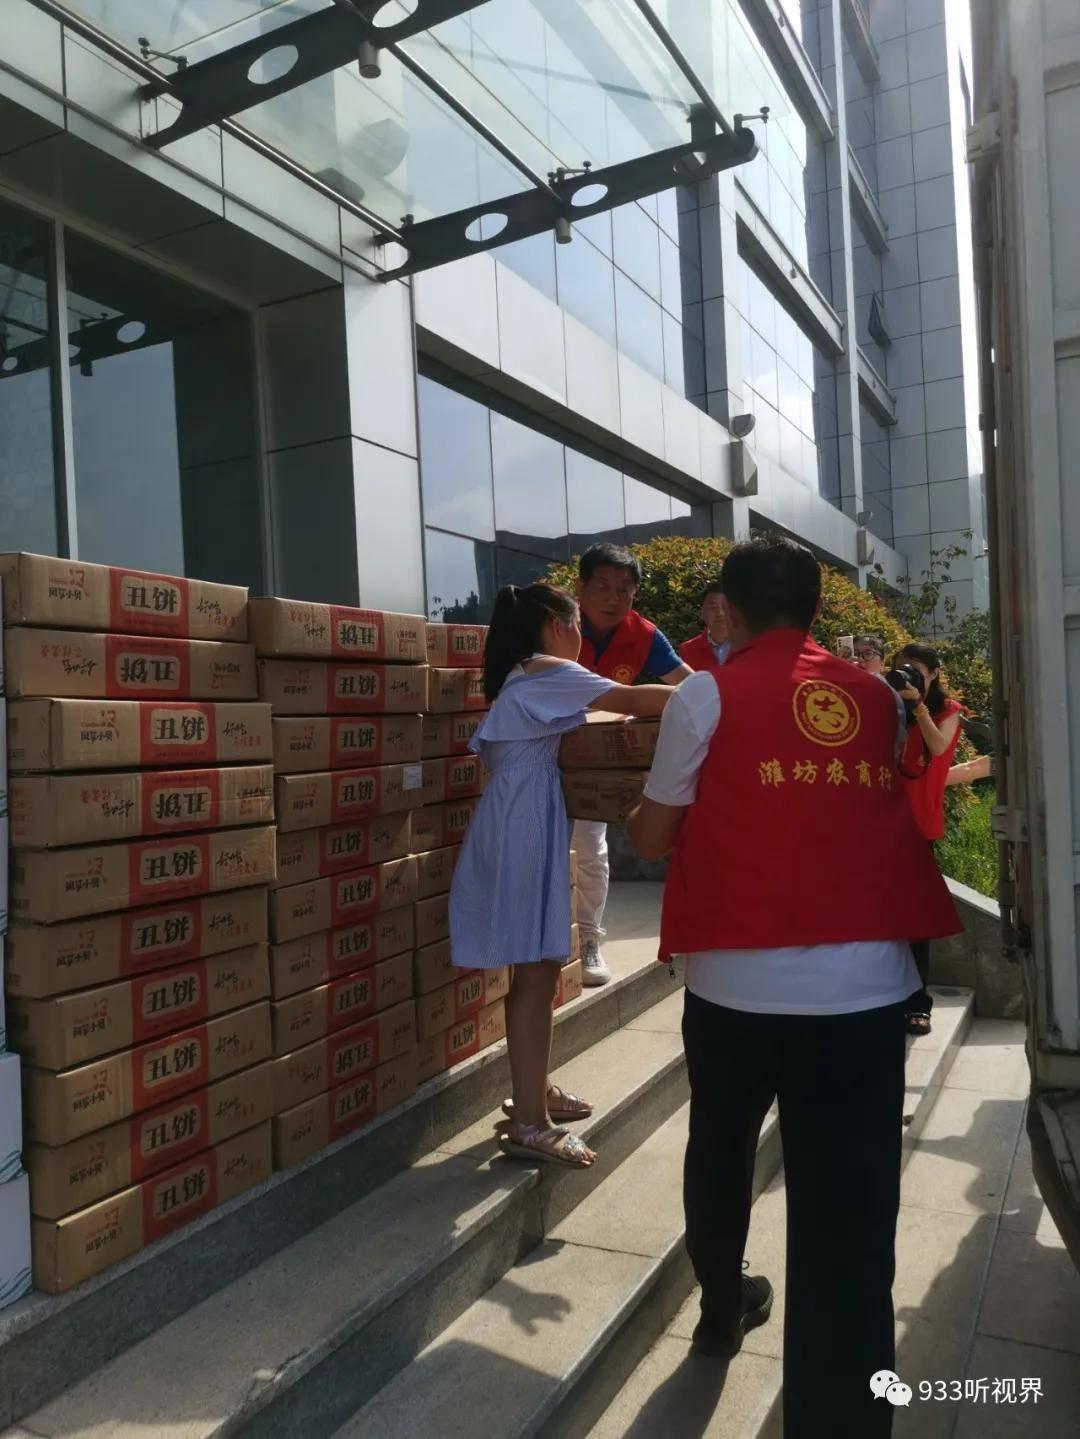 潍坊爱心企业和市民捐款捐物支援河南灾区(图2)